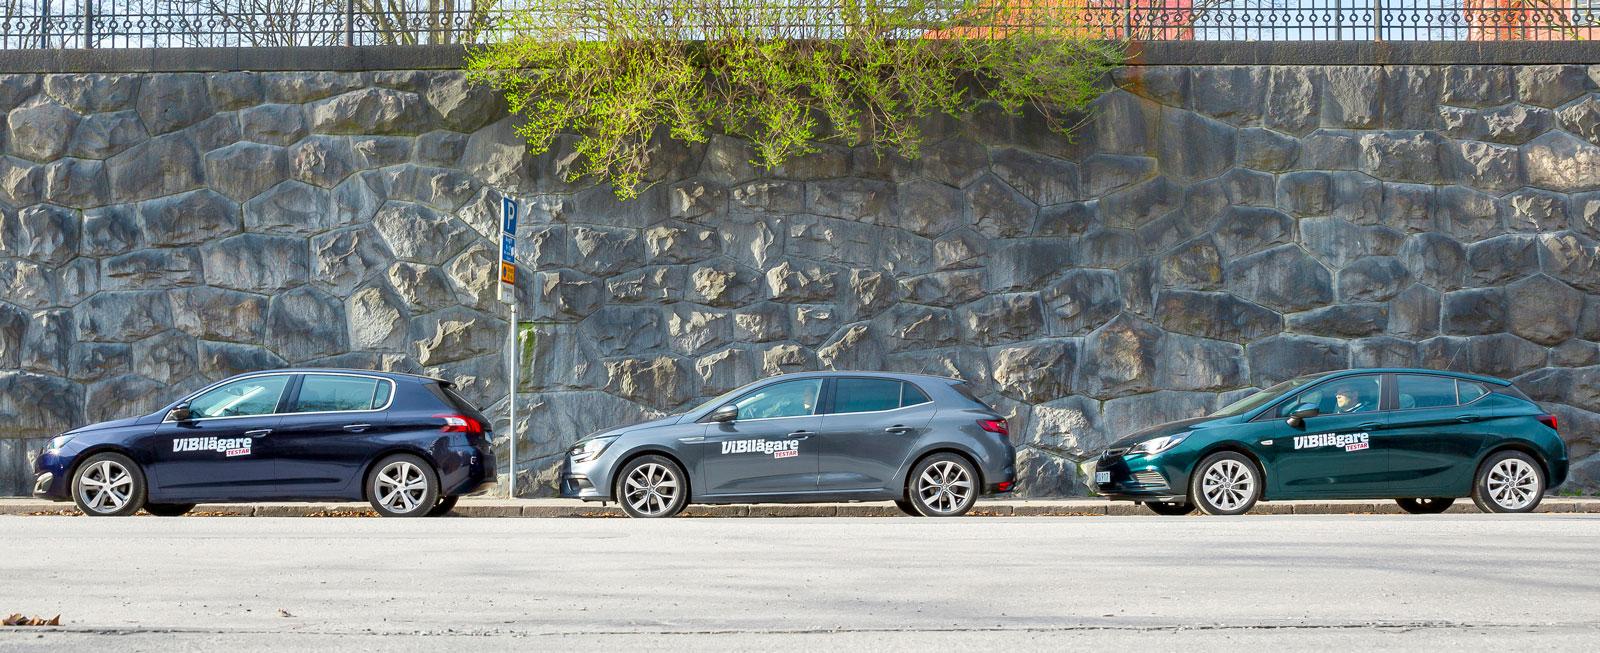 Opel Astra sist i kön, efter Peugeot 308 och Renault Megane. Men bilden ljuger! Astrans slutplacering i testet blev betydligt bättre än så...